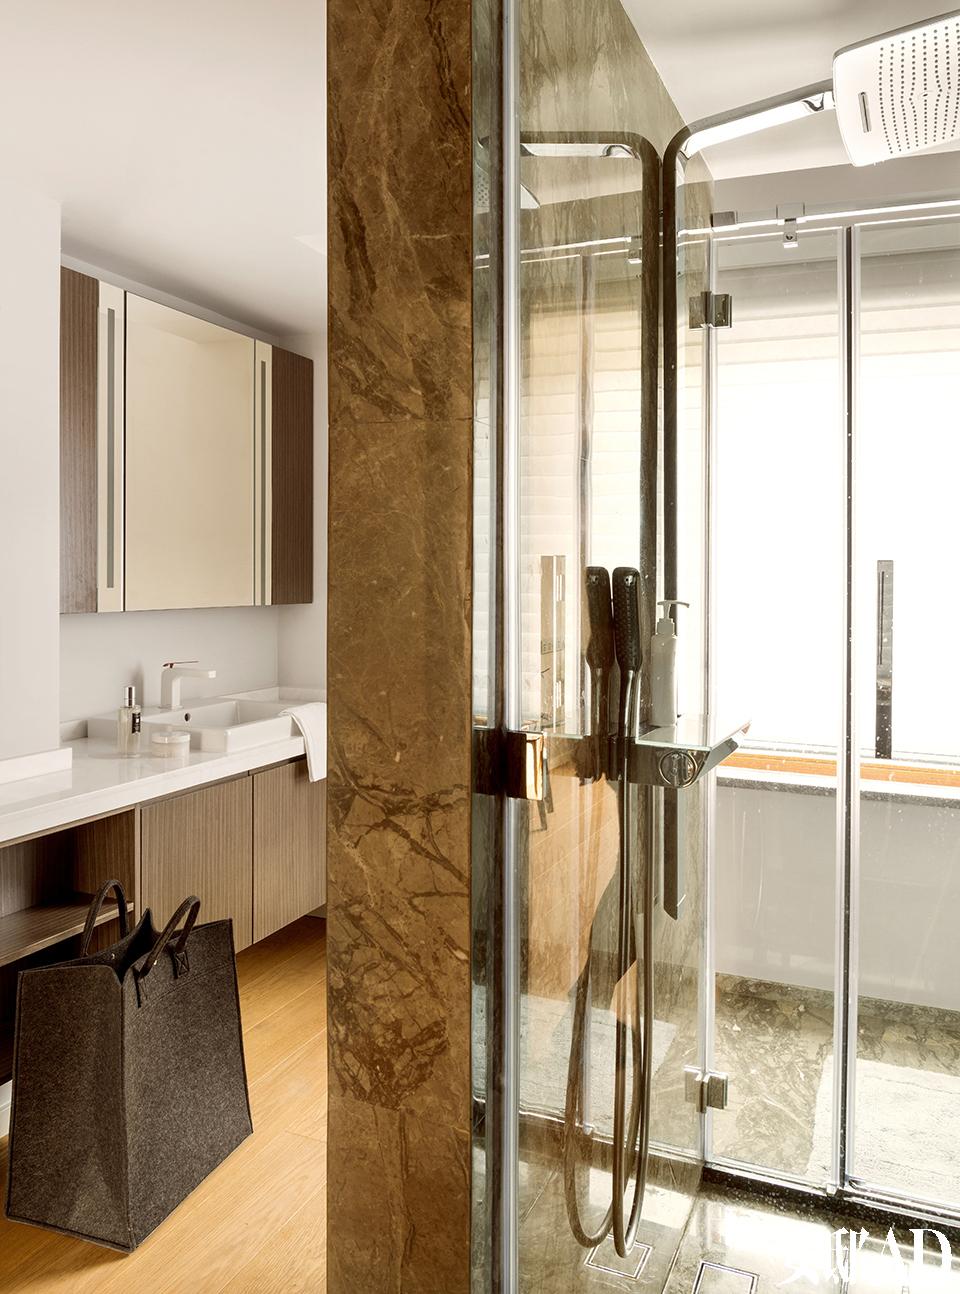 浴室中装配了Hansgrohe的卫浴设备。